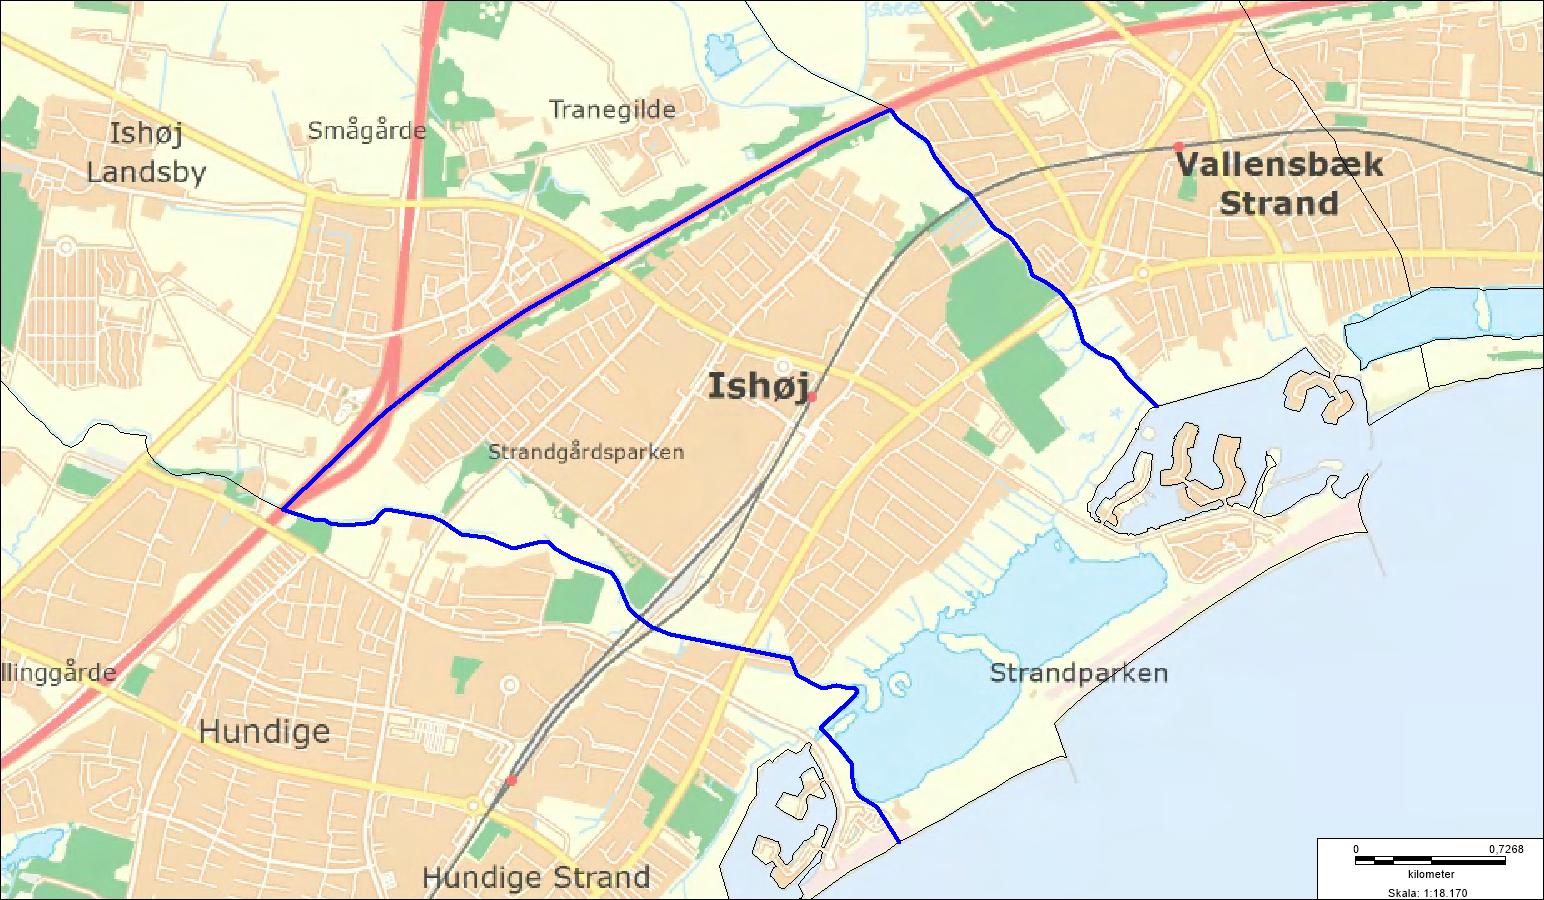 Oversigtskort over visitationszone i dele af Ishøj fra 16/9-30/9-19